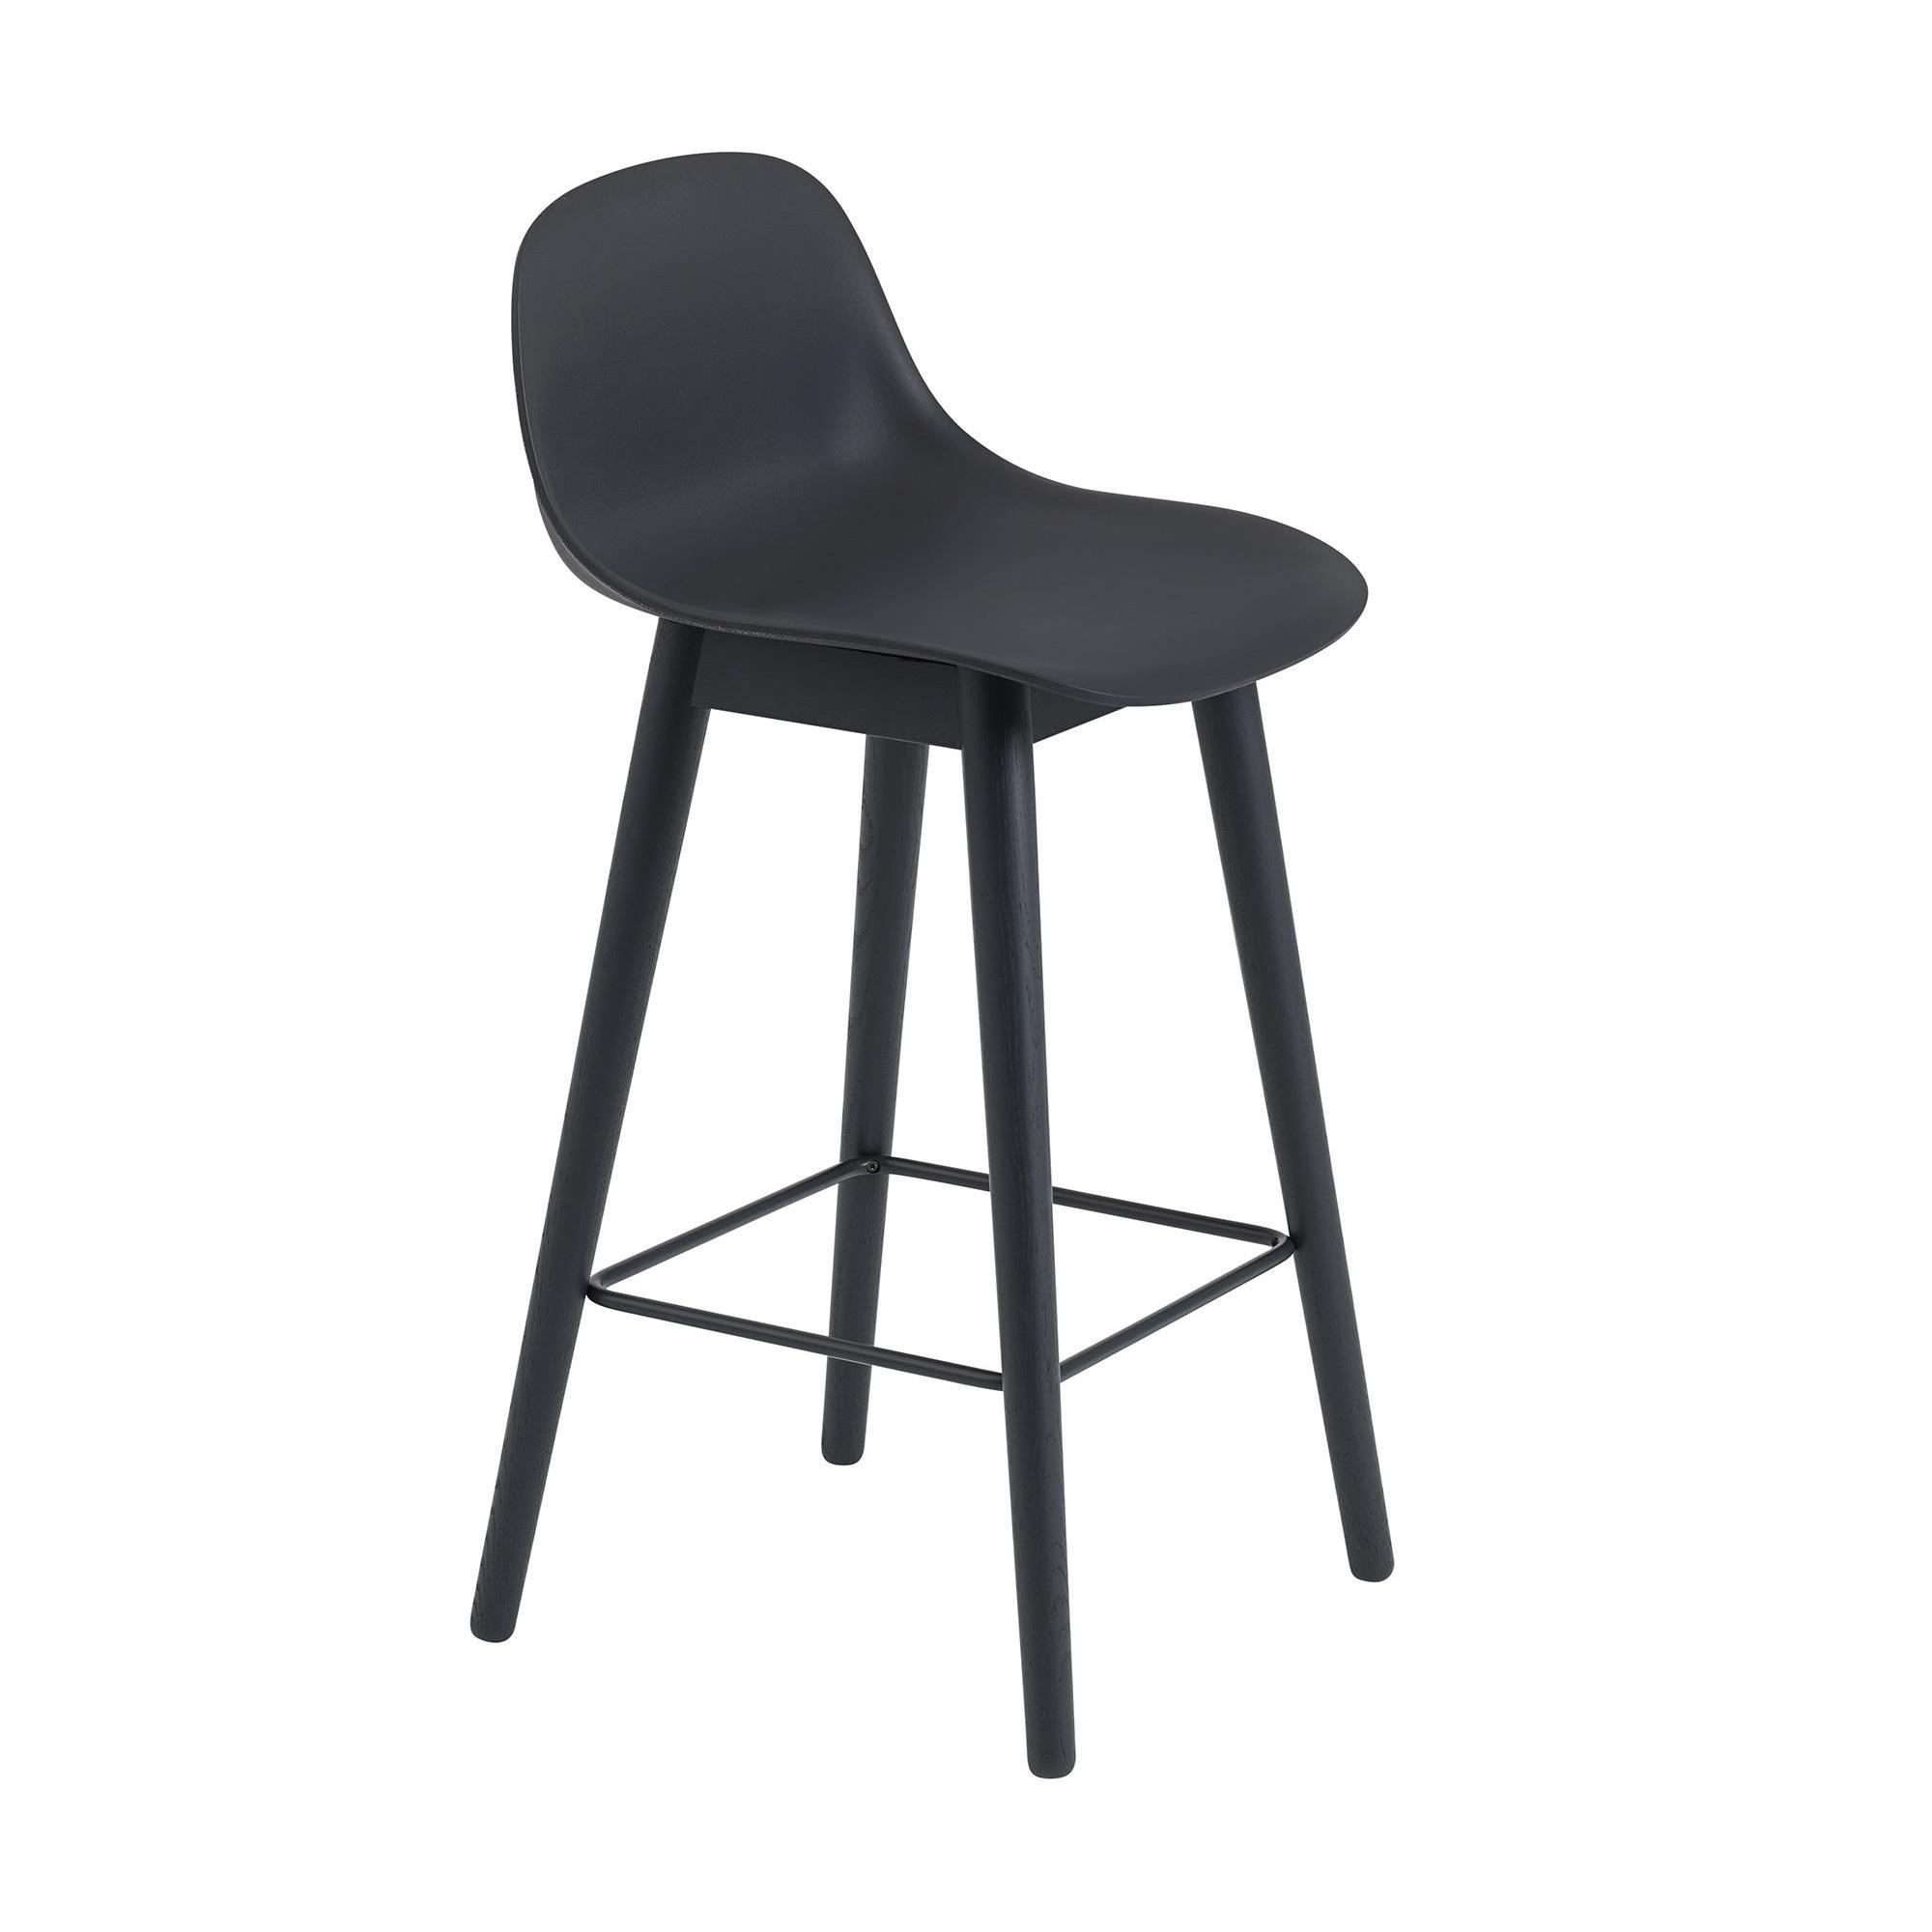 rueckenlehne schwarz Barhocker online kaufen | Möbel